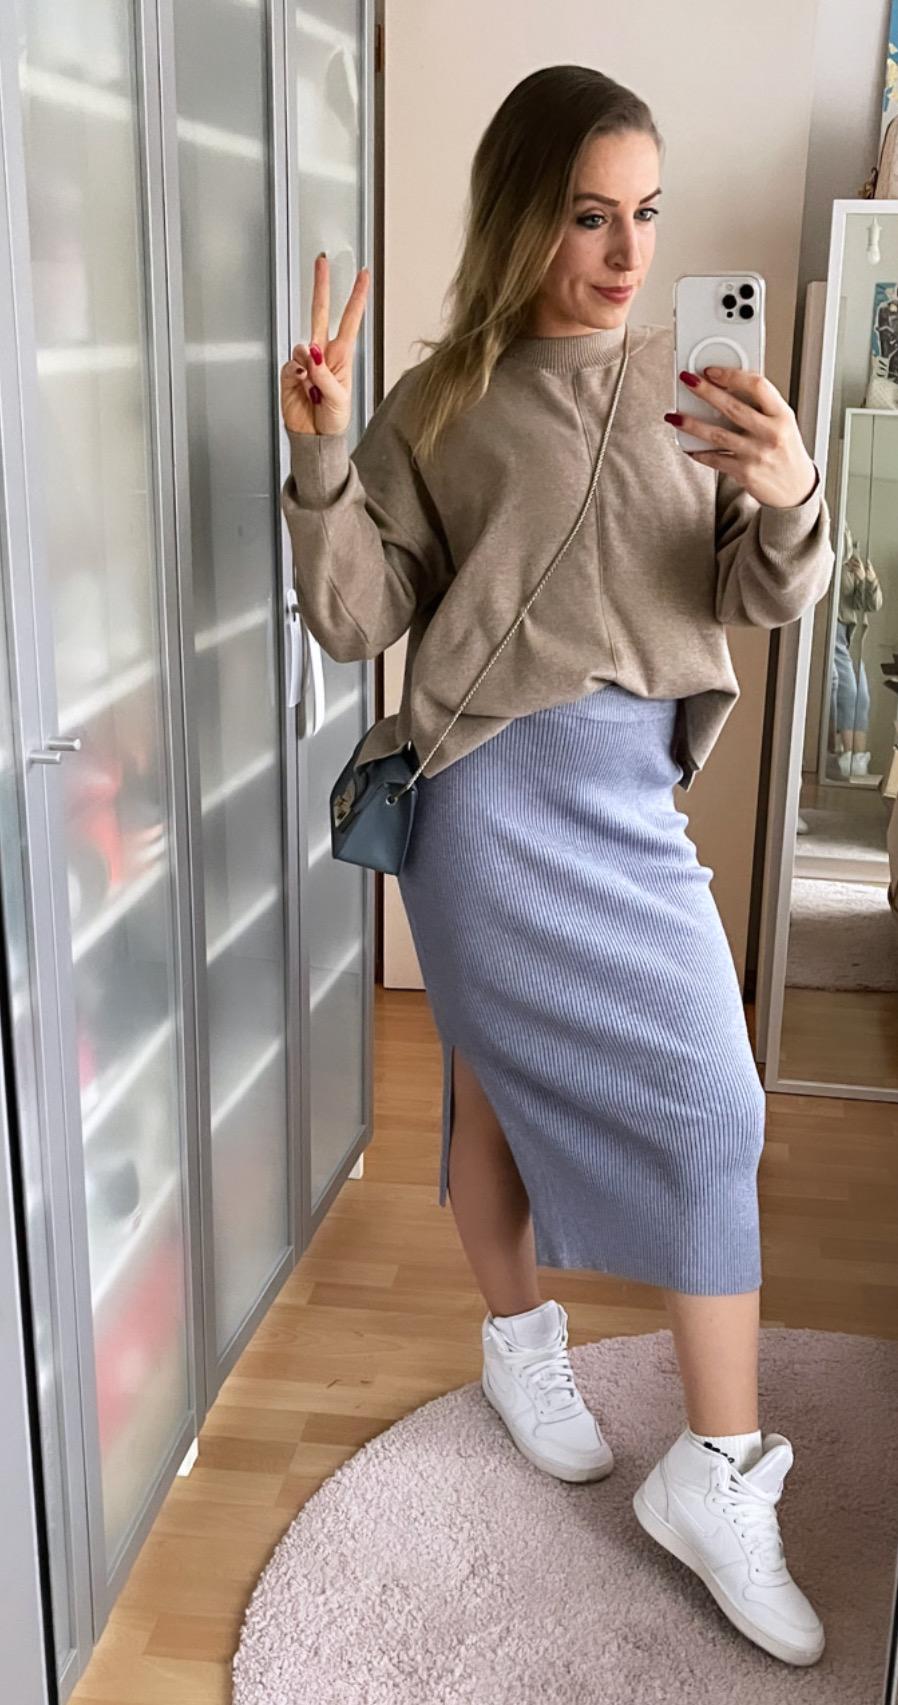 Erfahrungen LES LUNES Rosie Skirt und Nola Sweater blau beige sportlicher Style Kopie